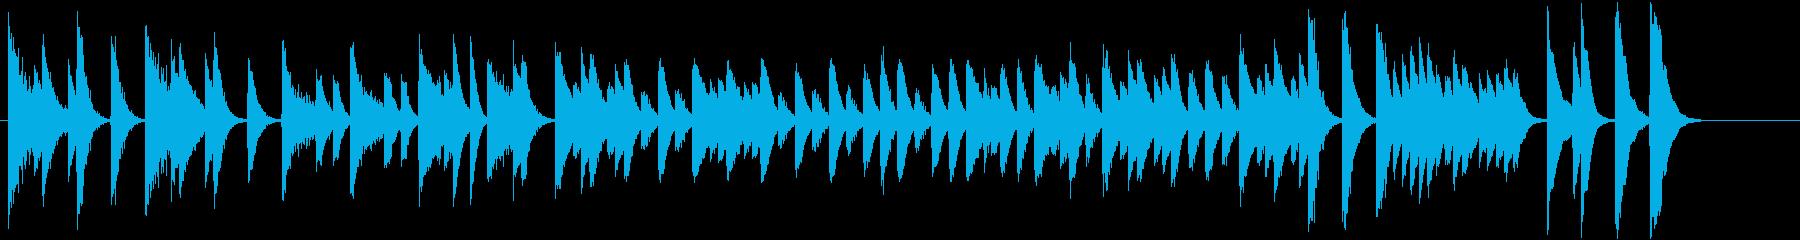 童謡・雪モチーフの冬のピアノジングルCの再生済みの波形